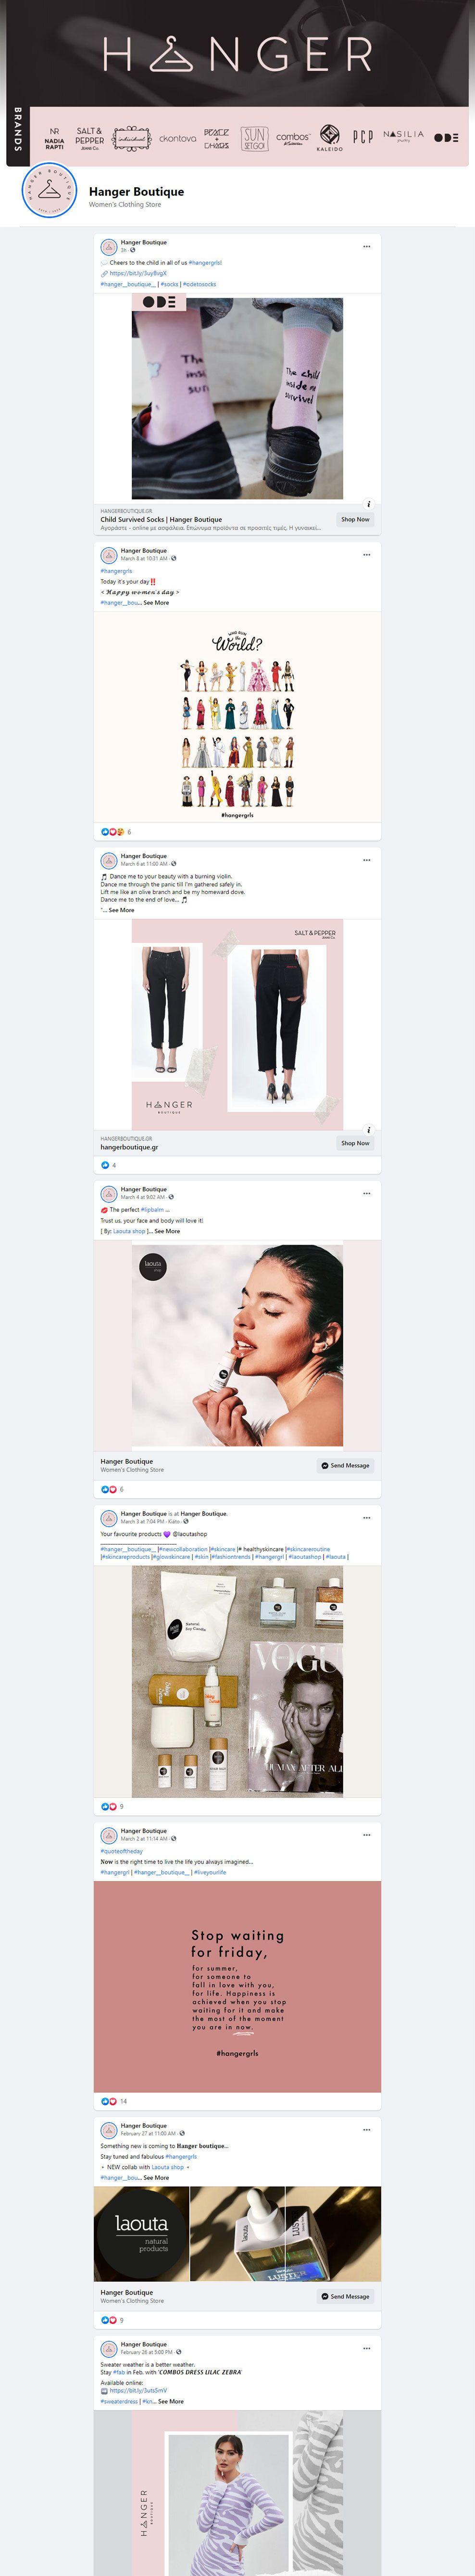 διαχείριση λογαριασμών social media - Hanger boutique